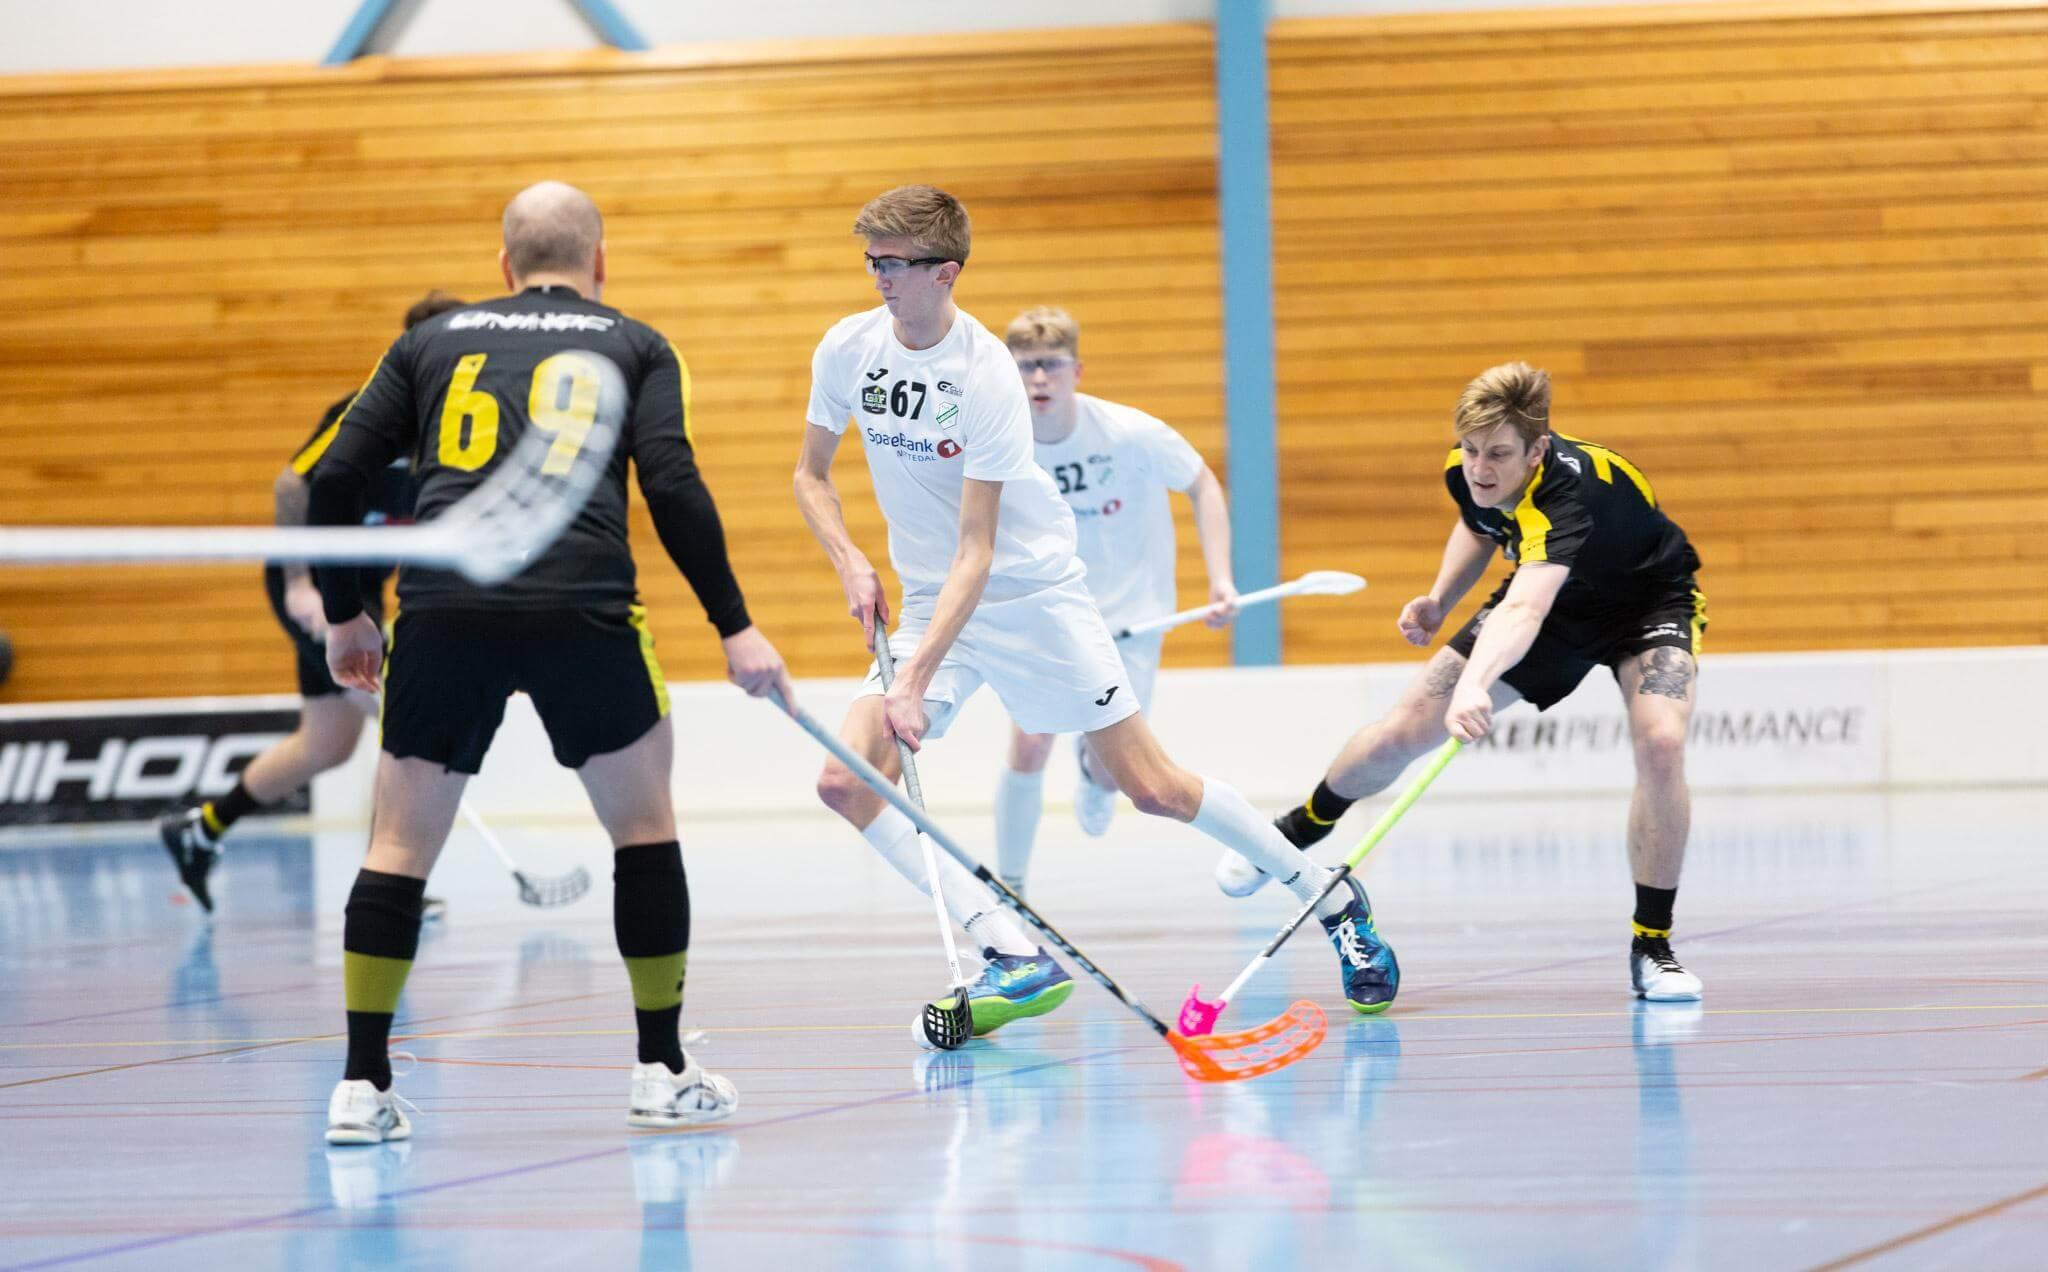 Gjelleråsen kjempet godt men klarte ikke å få med seg poeng hjem fra Vestlandet i dag. Foto: Børge Andreassen